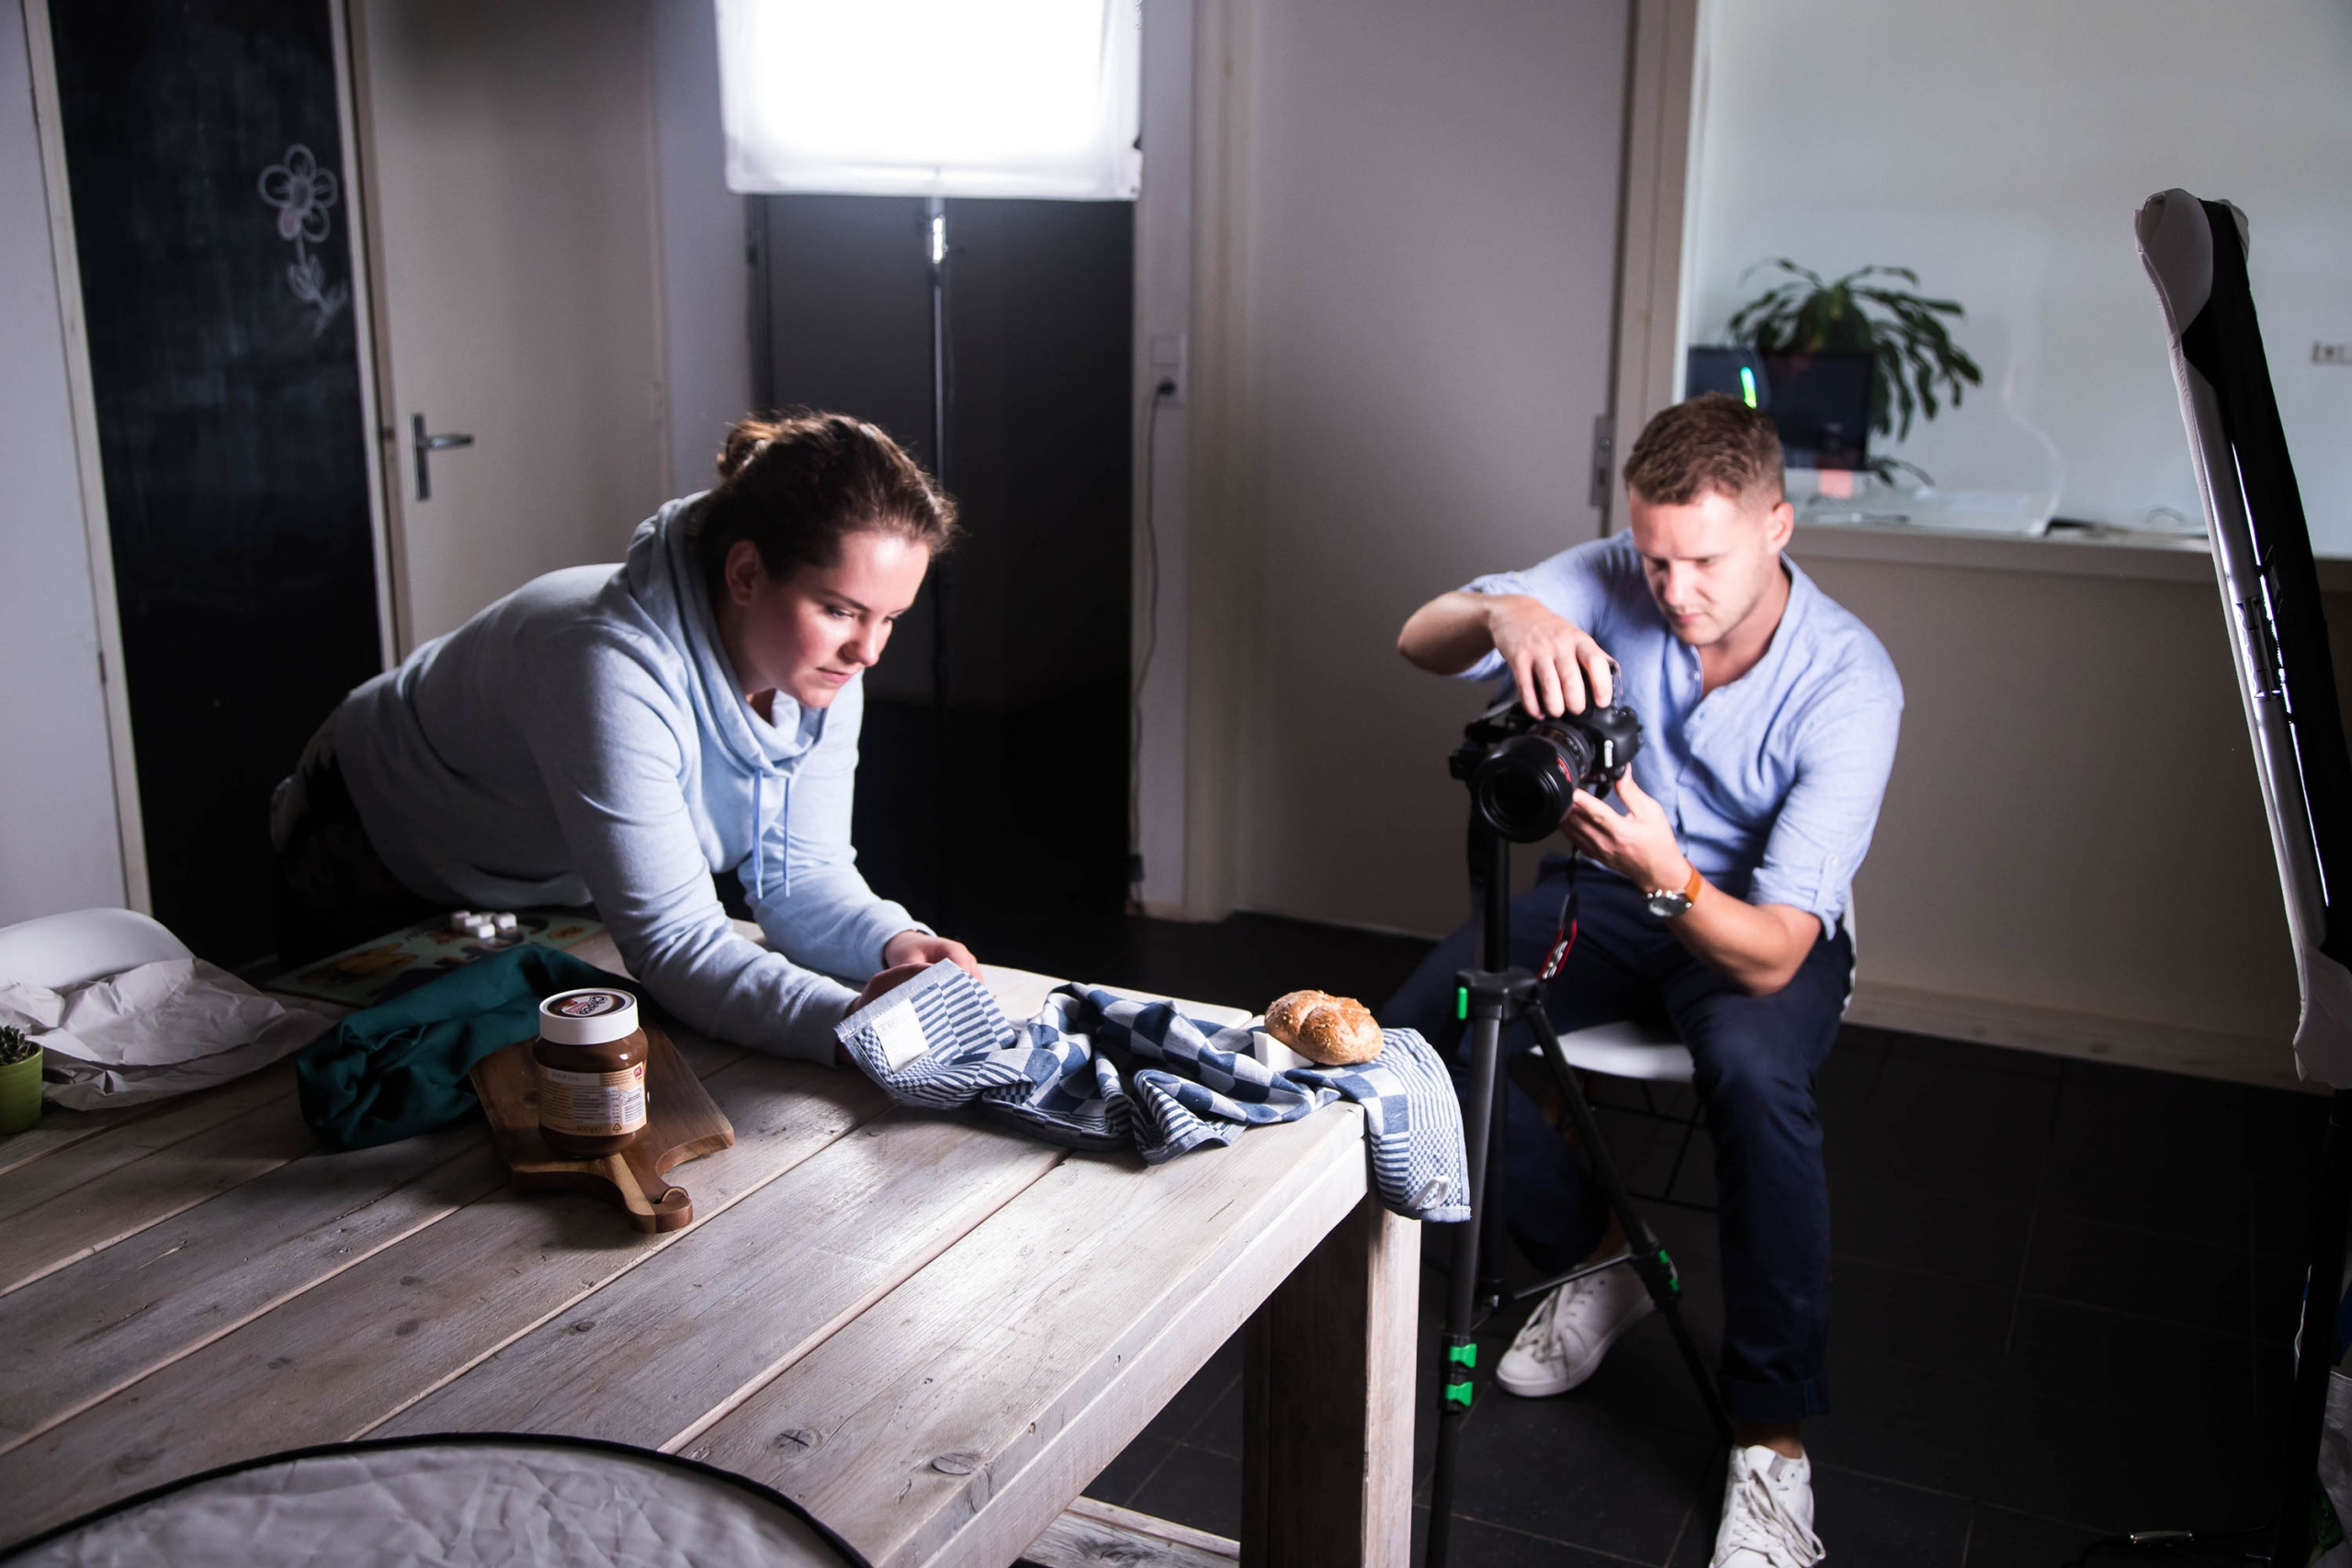 Fotograaf in actie bij het maken van foodphotography